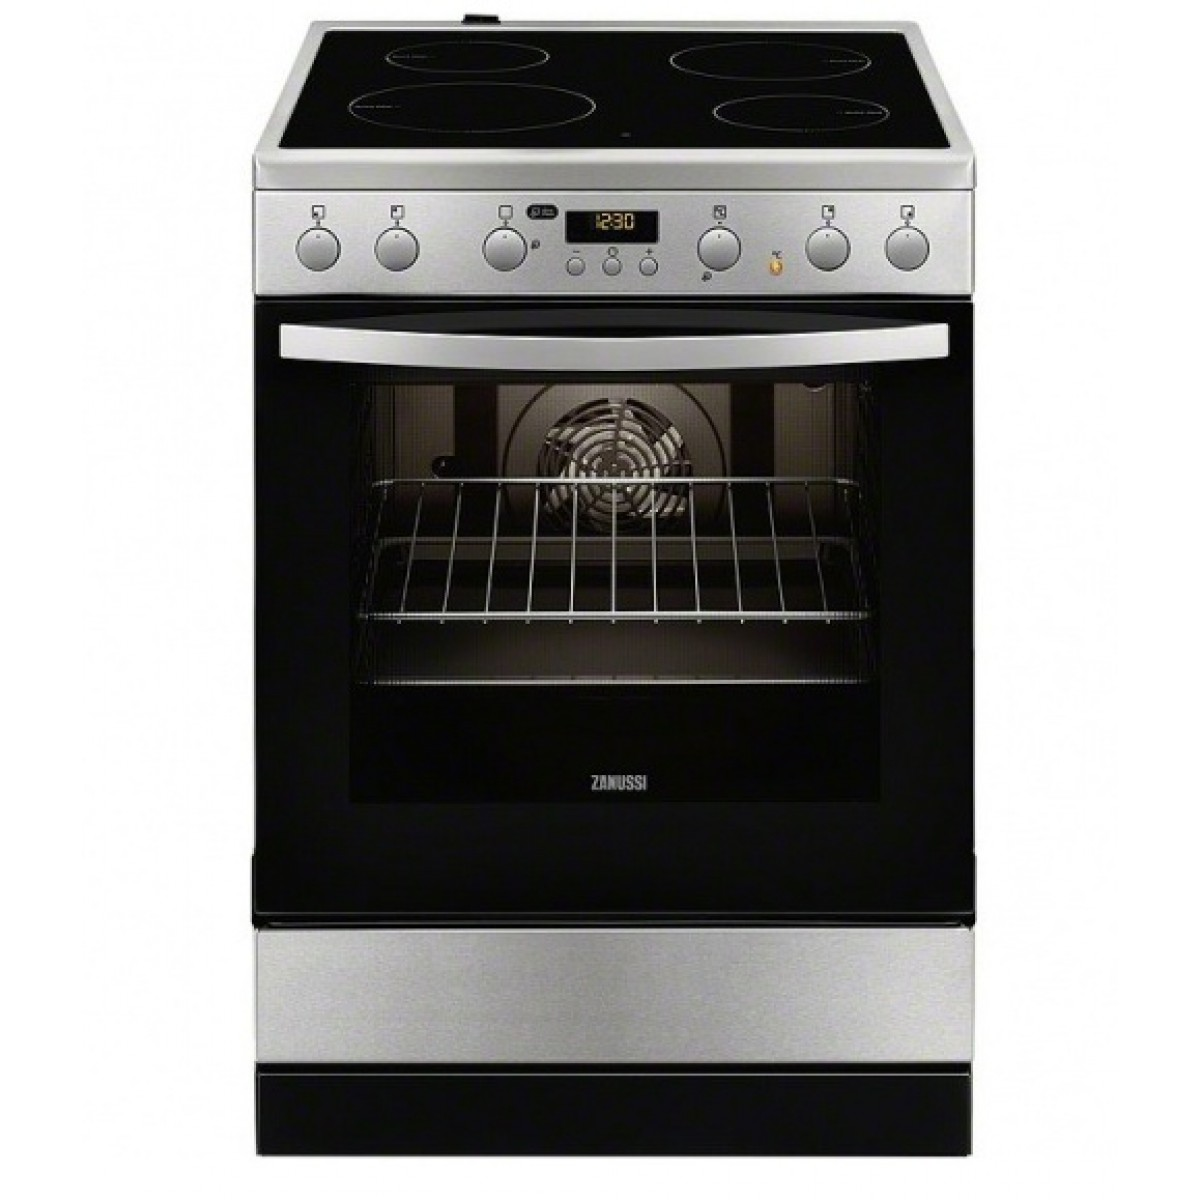 Κουζινες - Zanussi Κουζίνα Κεραμική ZCV65320XA (72lt A) Κουζίνες κεραμικές Ηλεκτρικες Συσκευες - homeelectrics.gr